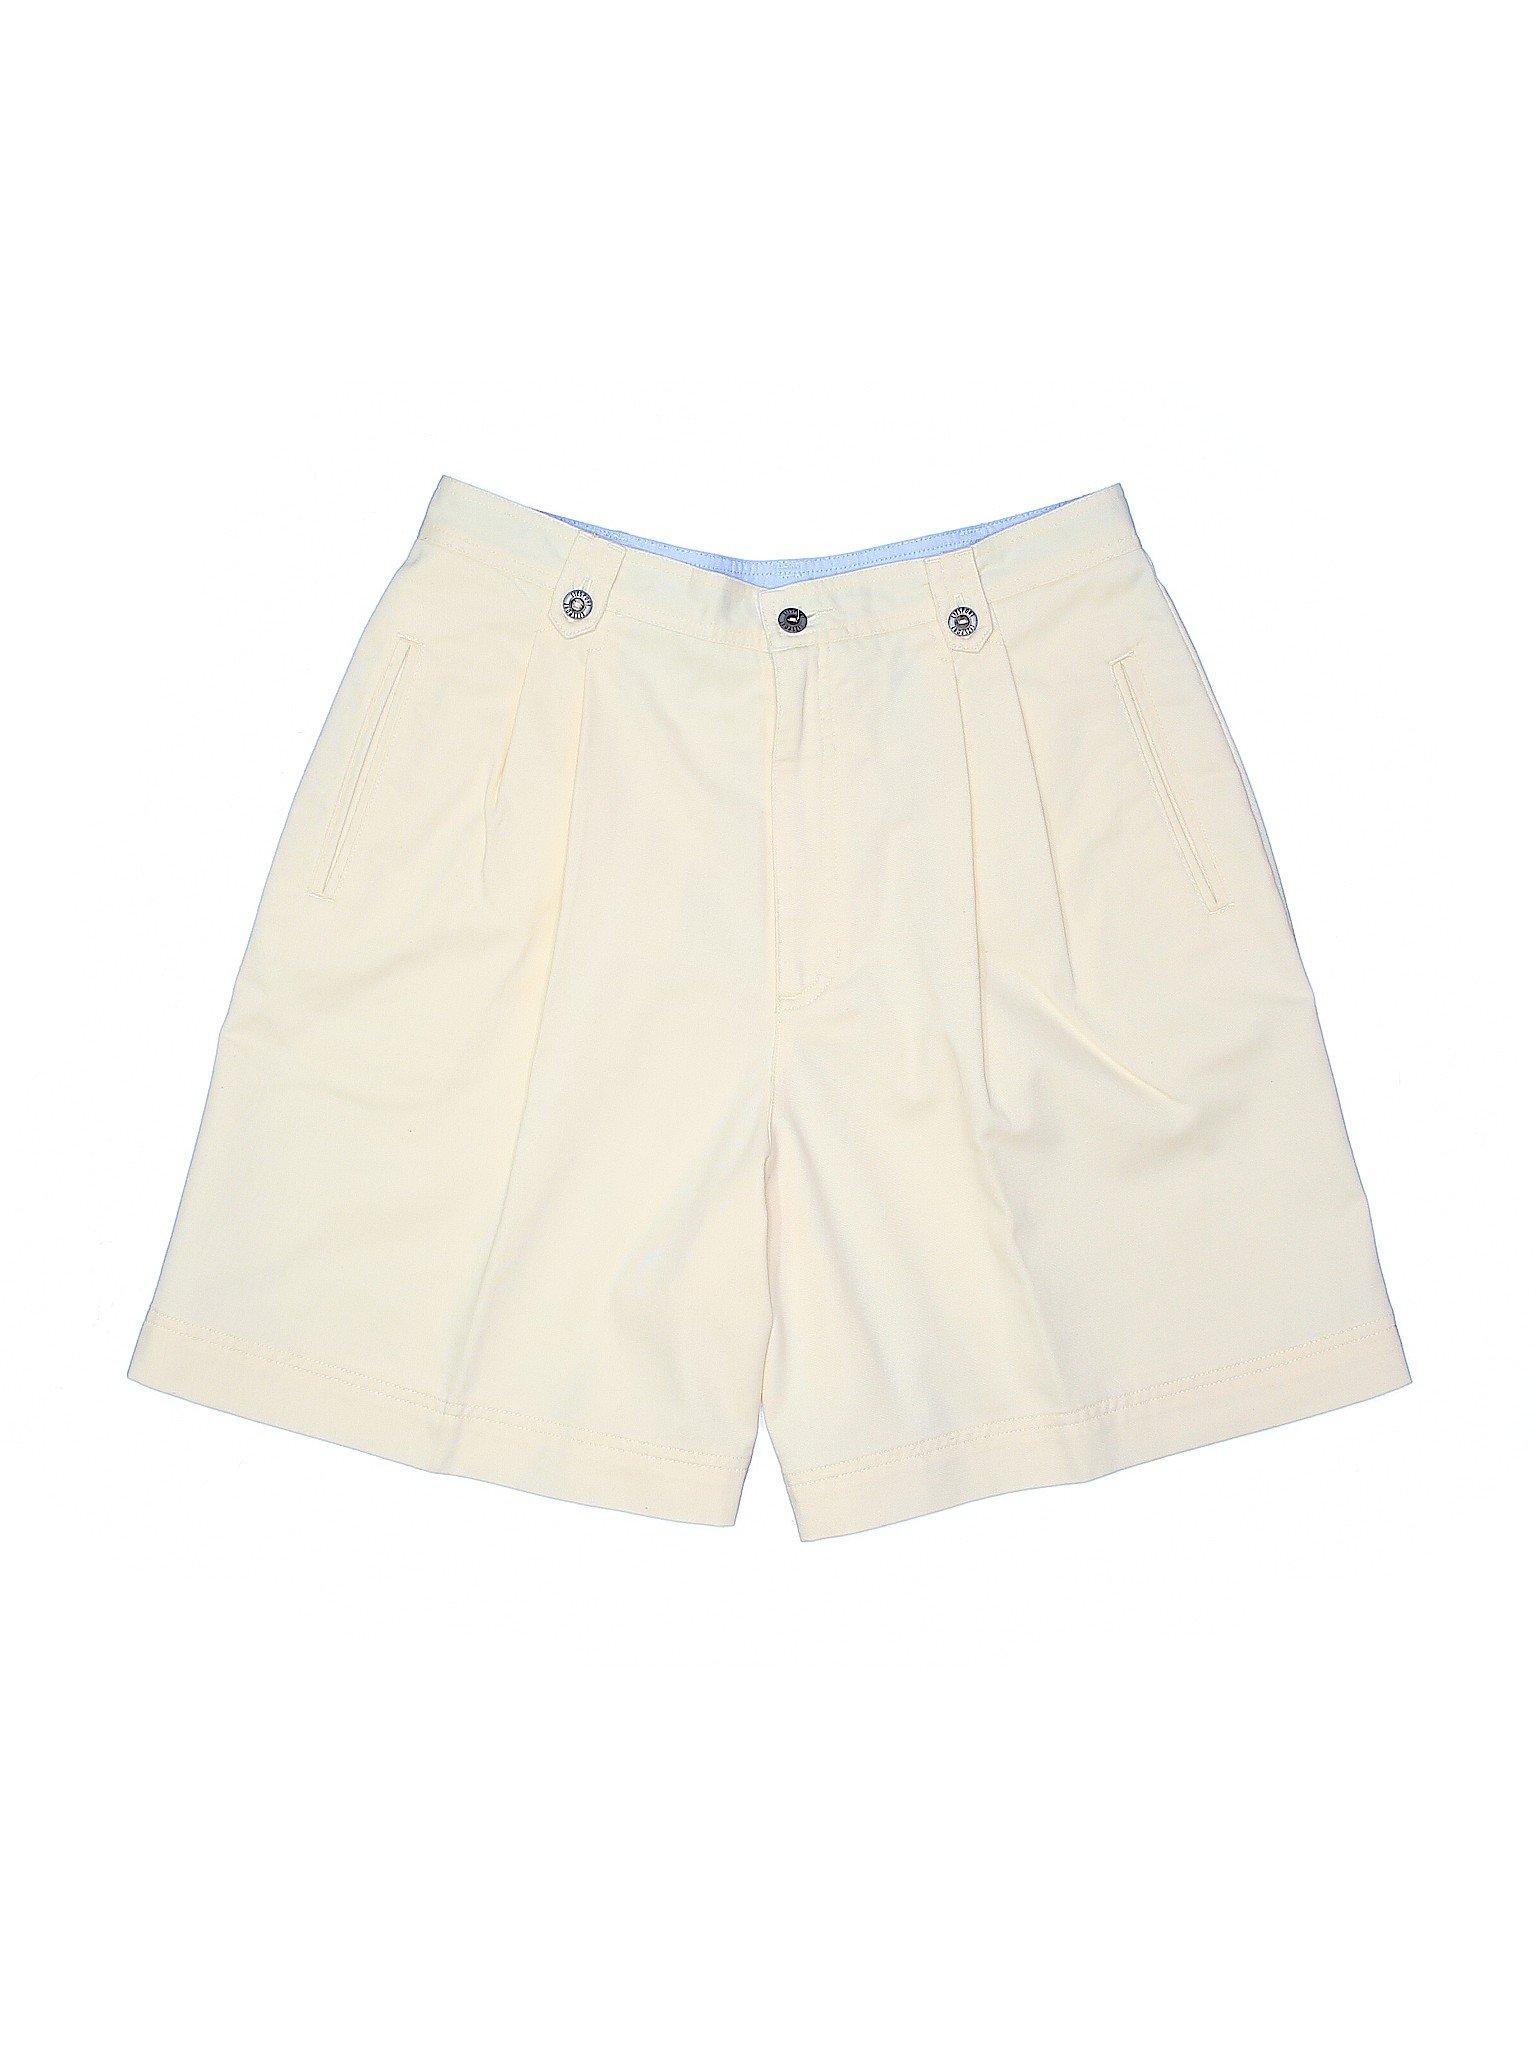 Shorts Boutique Boutique Claiborne Liz Liz PIIn1H